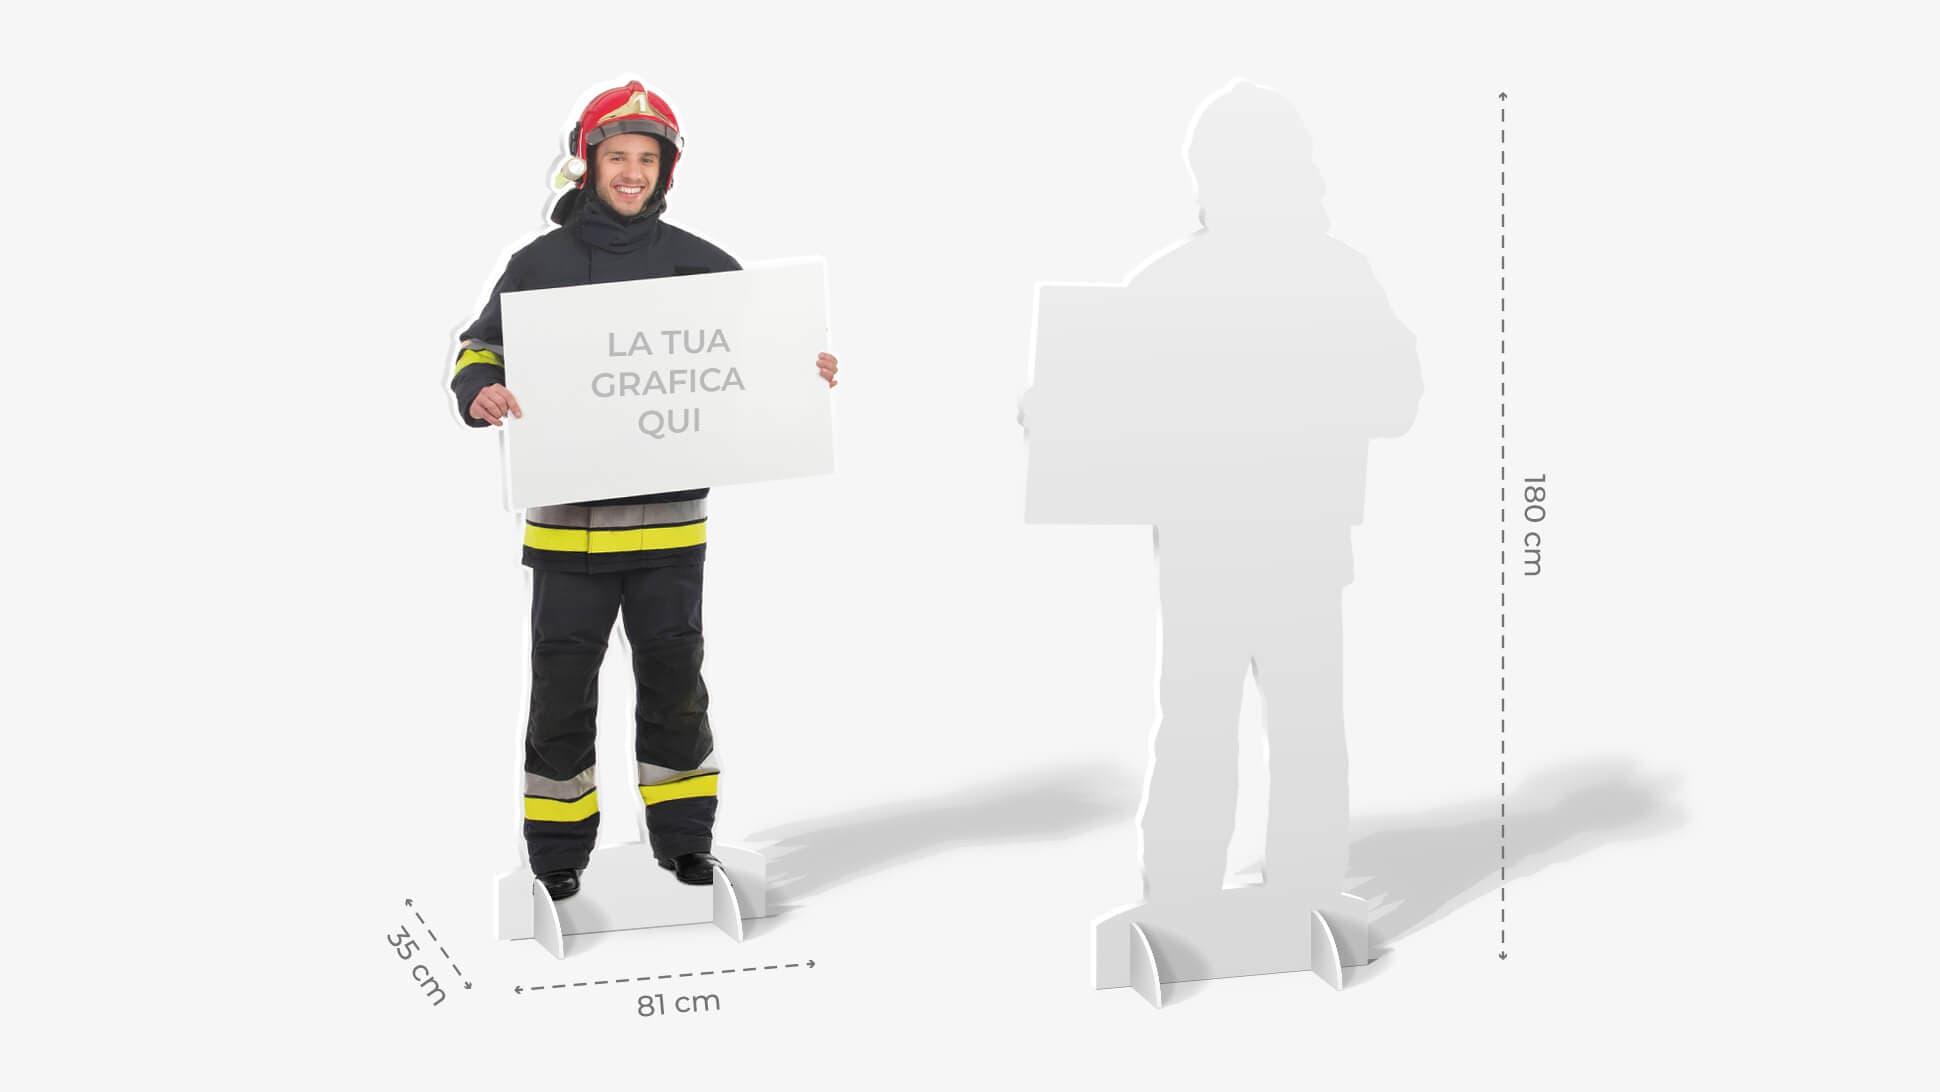 Sagomato in Sandwich con pompiere | tictac.it